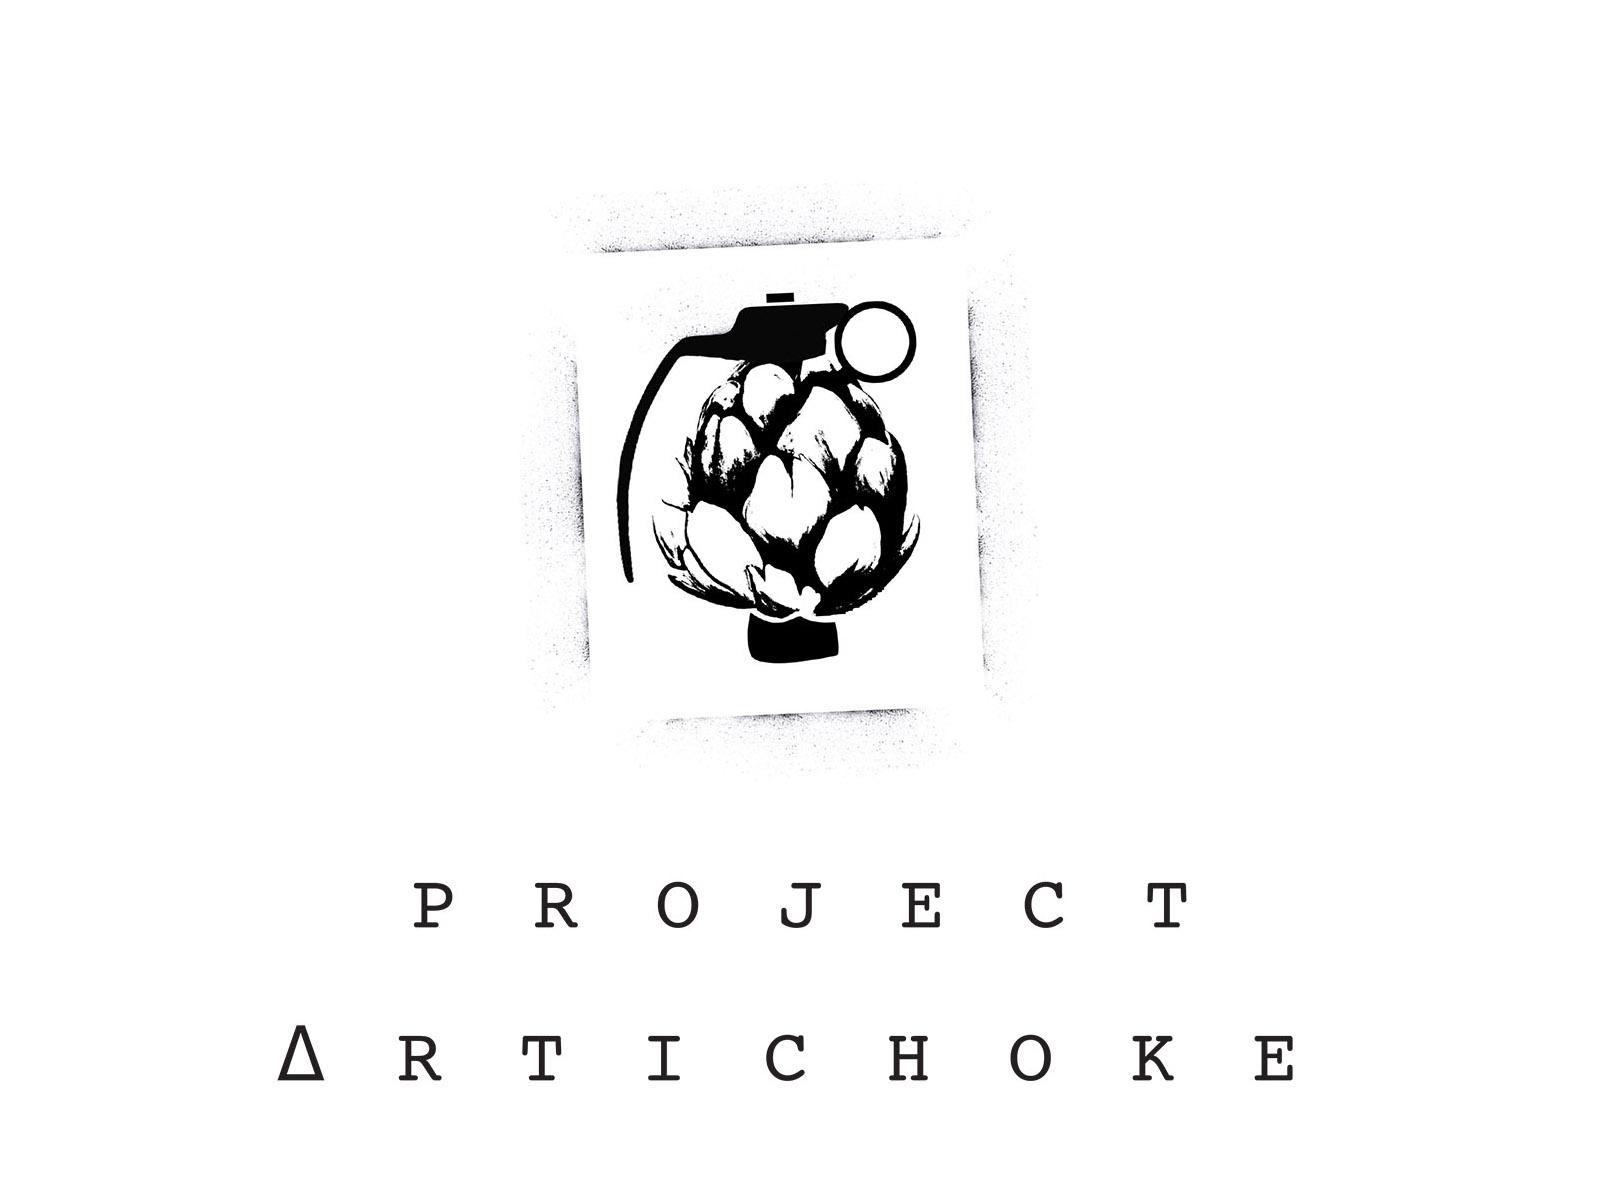 design_logo_project artichoke.jpg